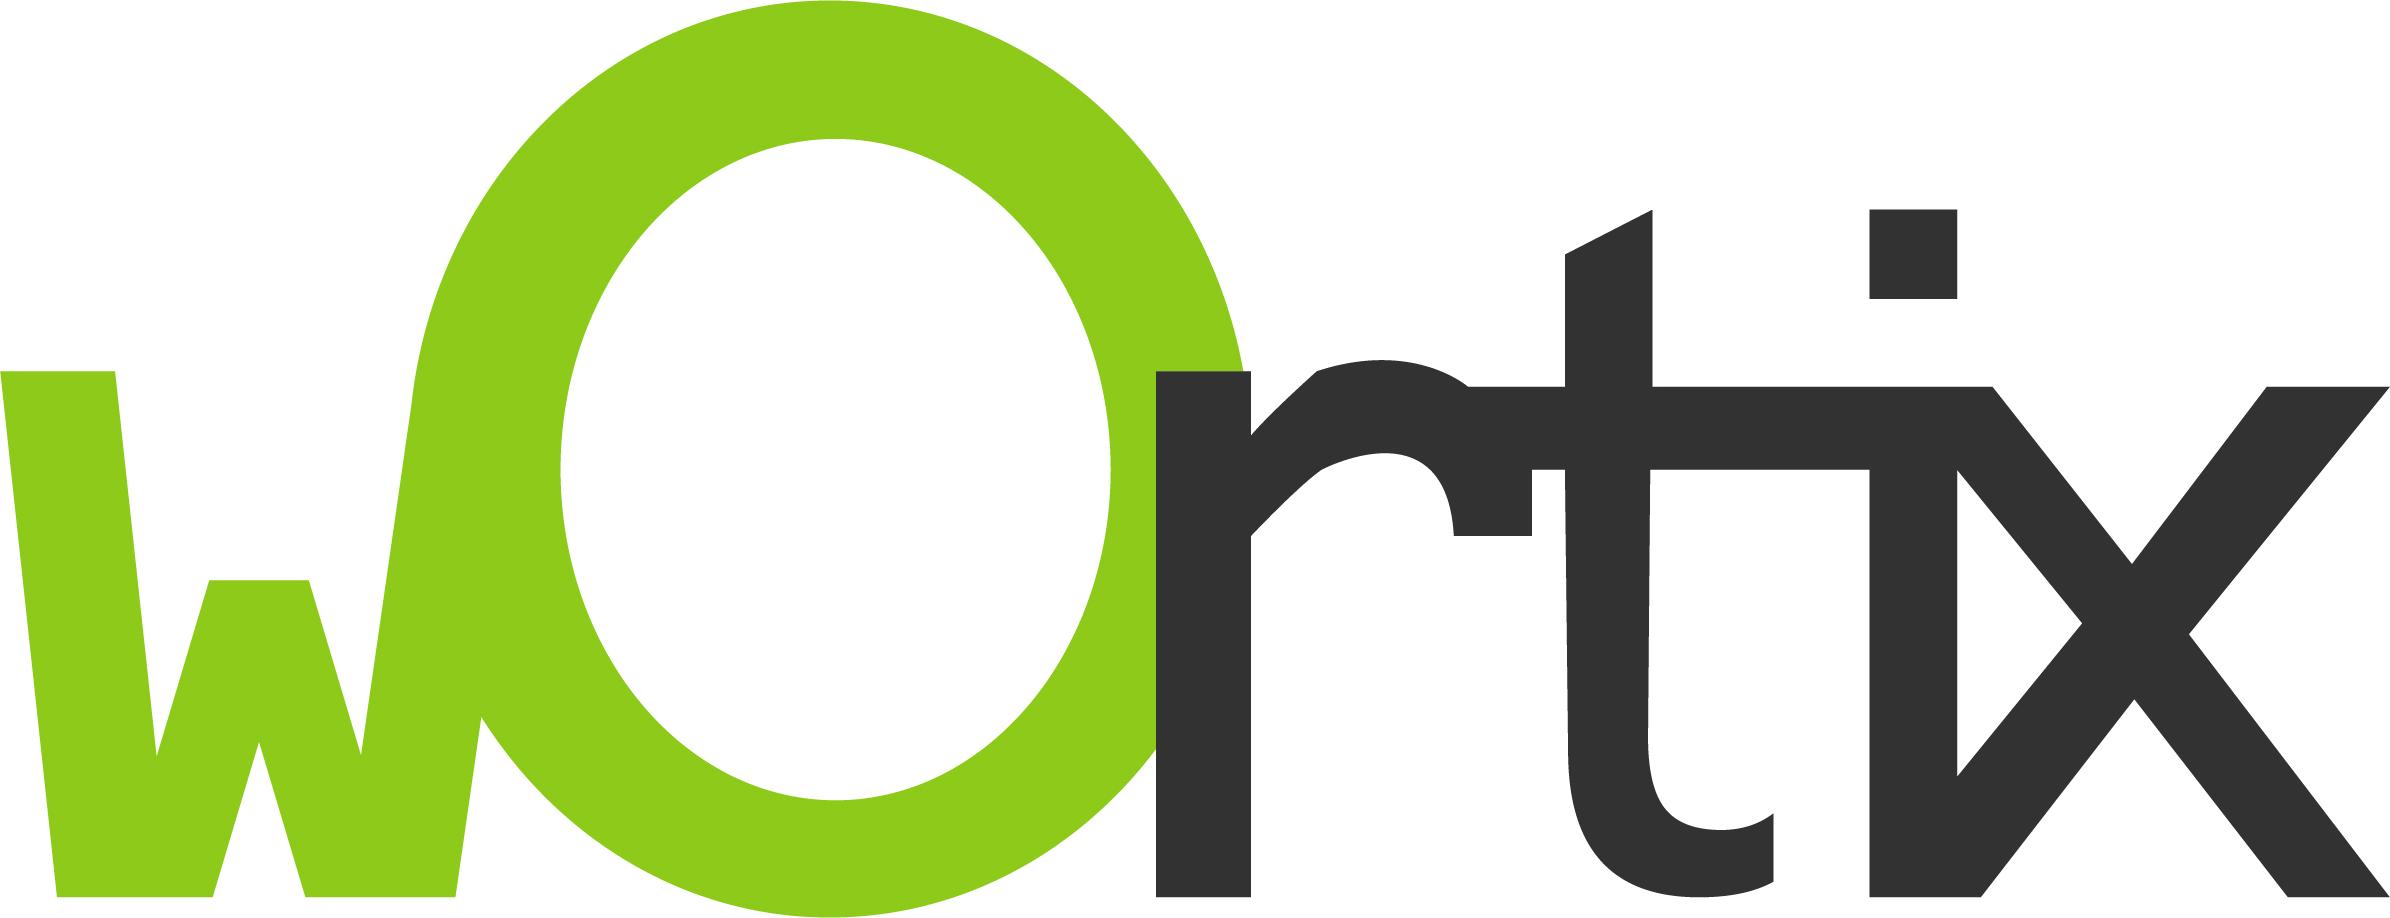 Blog – Wortix Healthcare